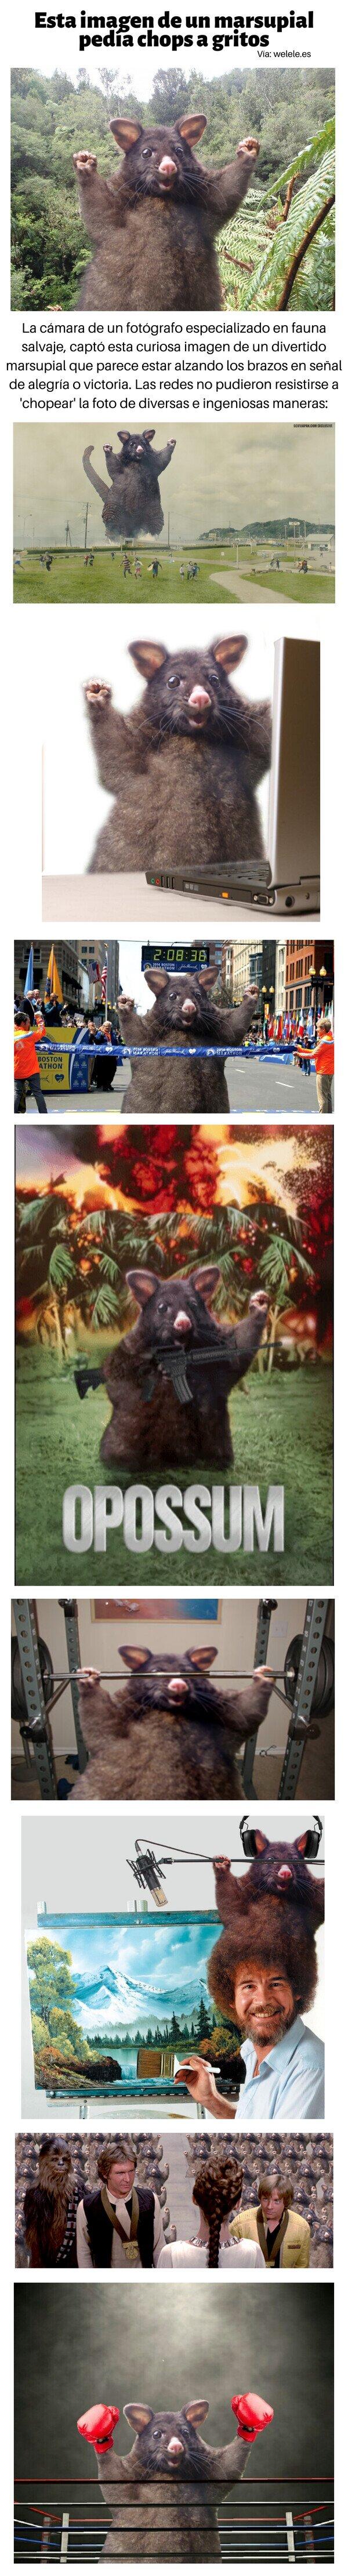 Meme_otros - Esta imagen de un marsupial pedía chops a gritos